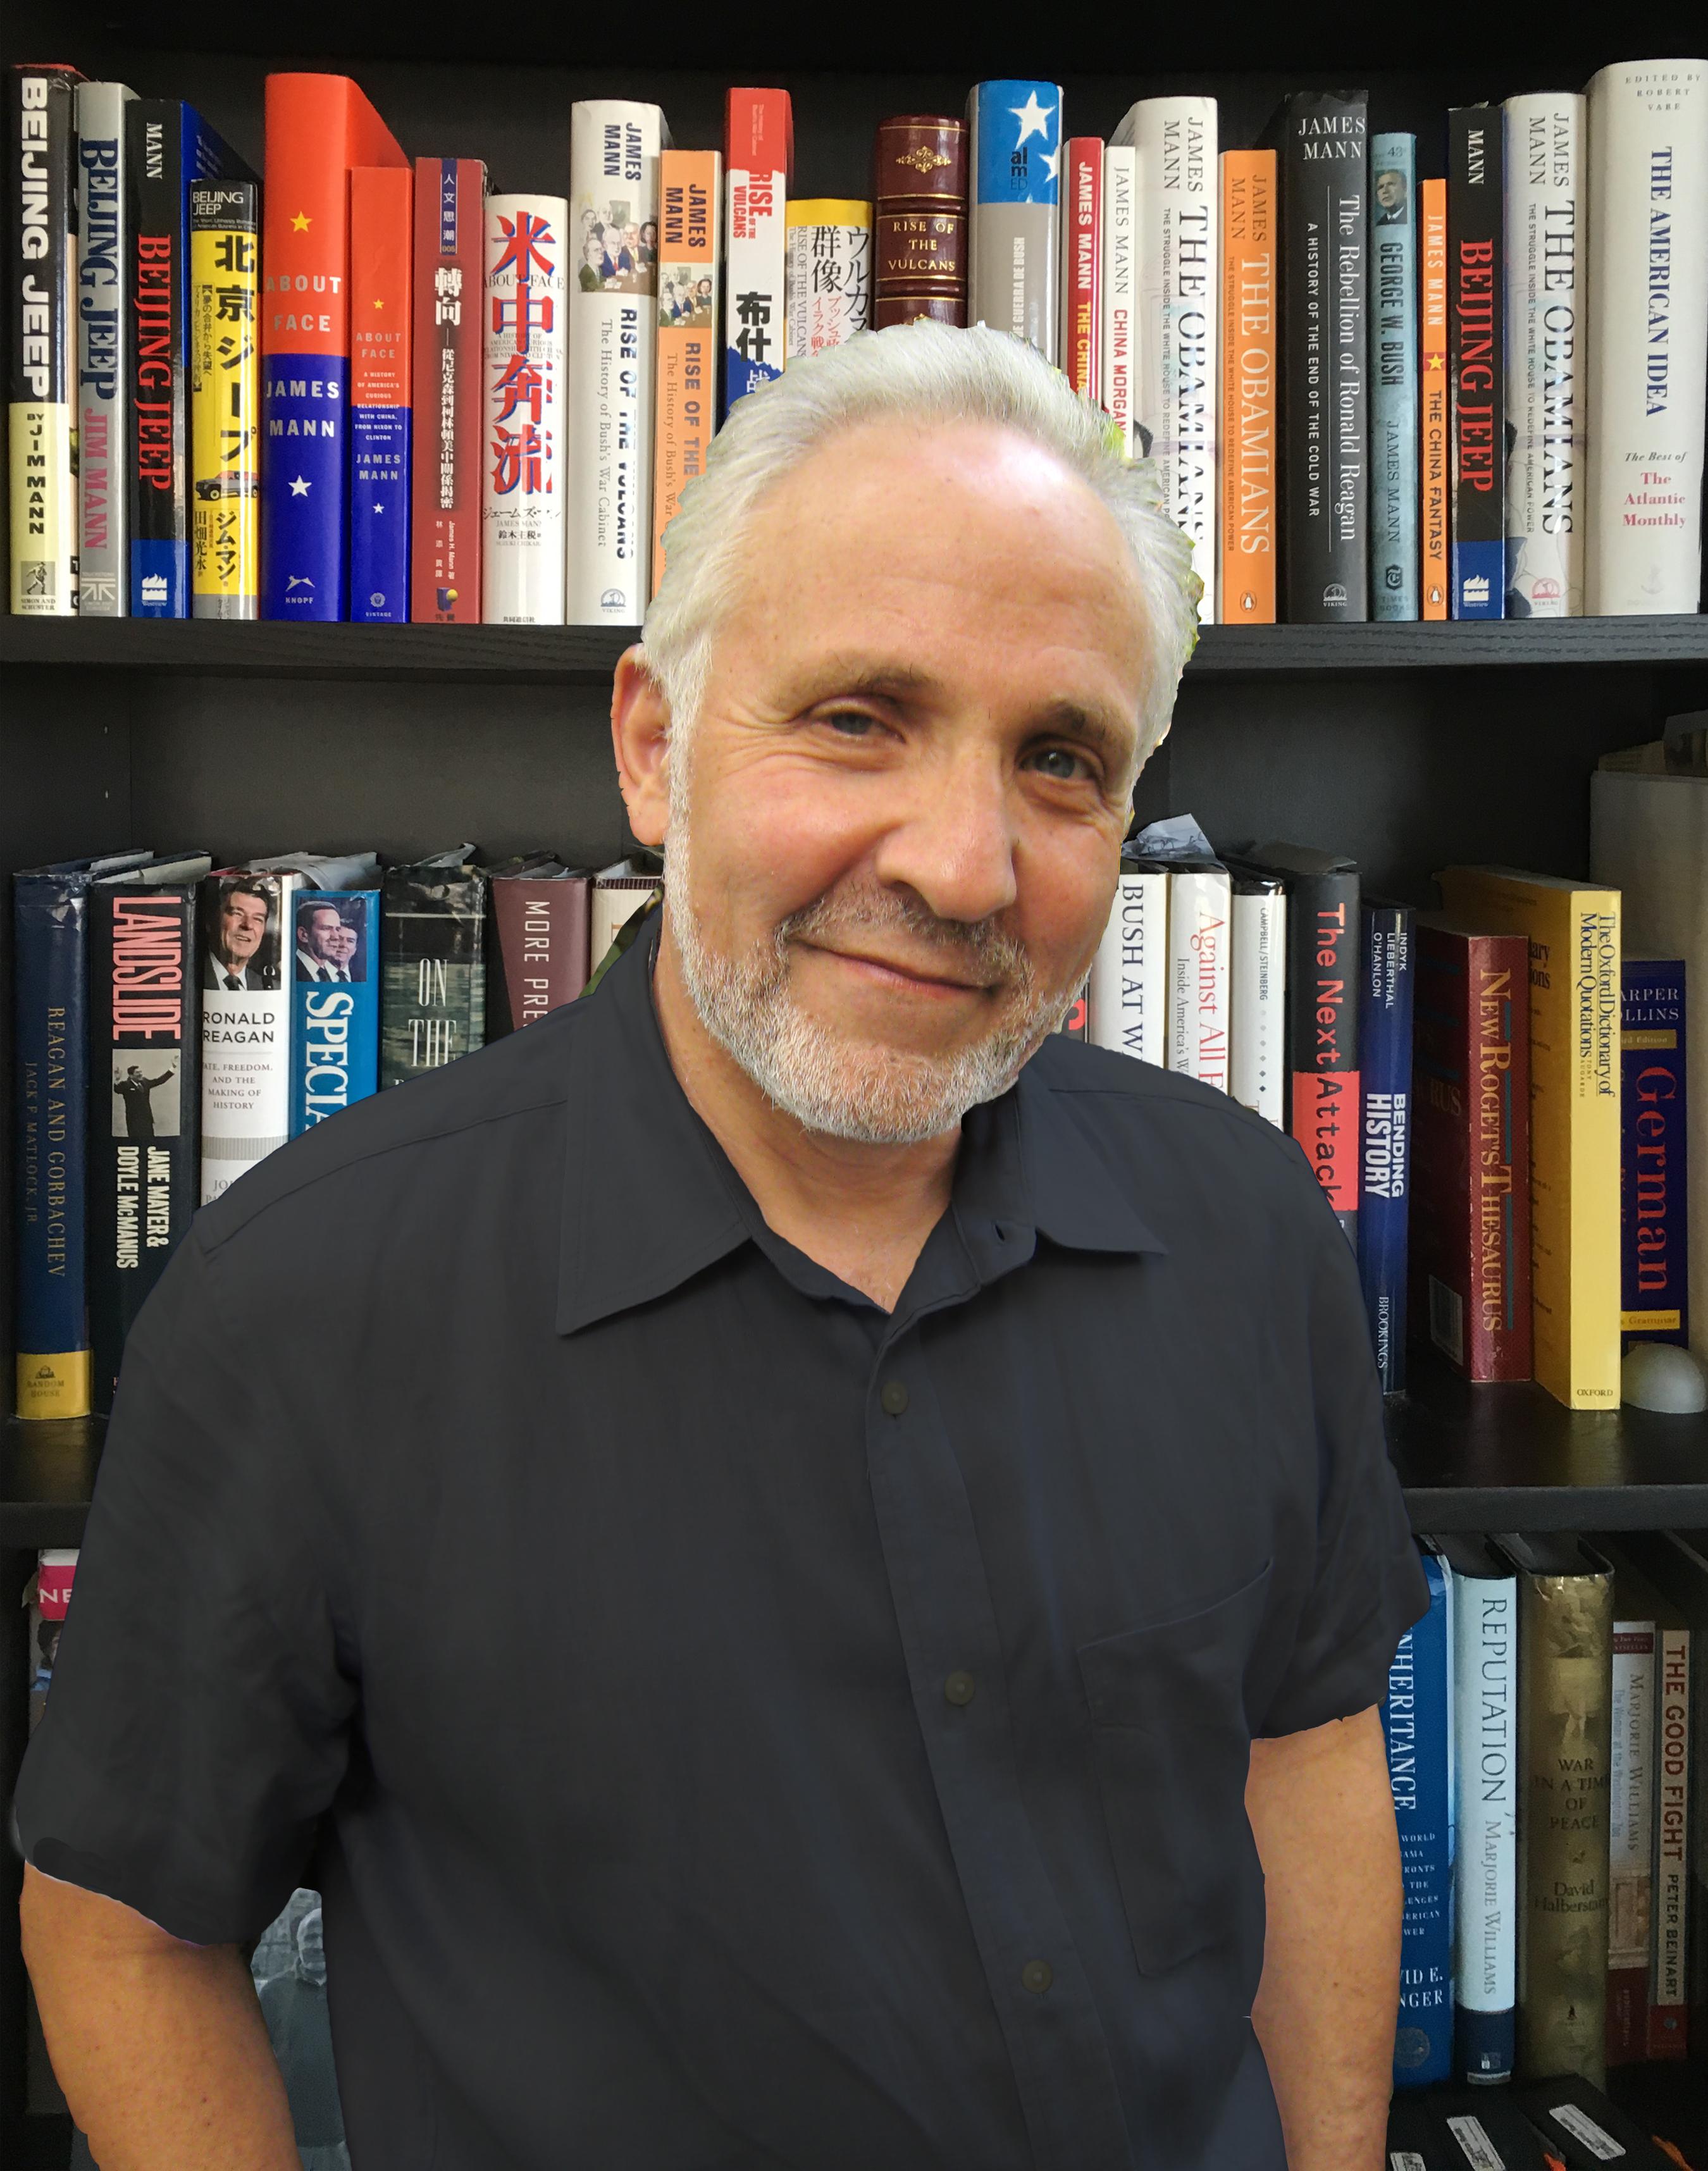 James Mann, The Great Rift